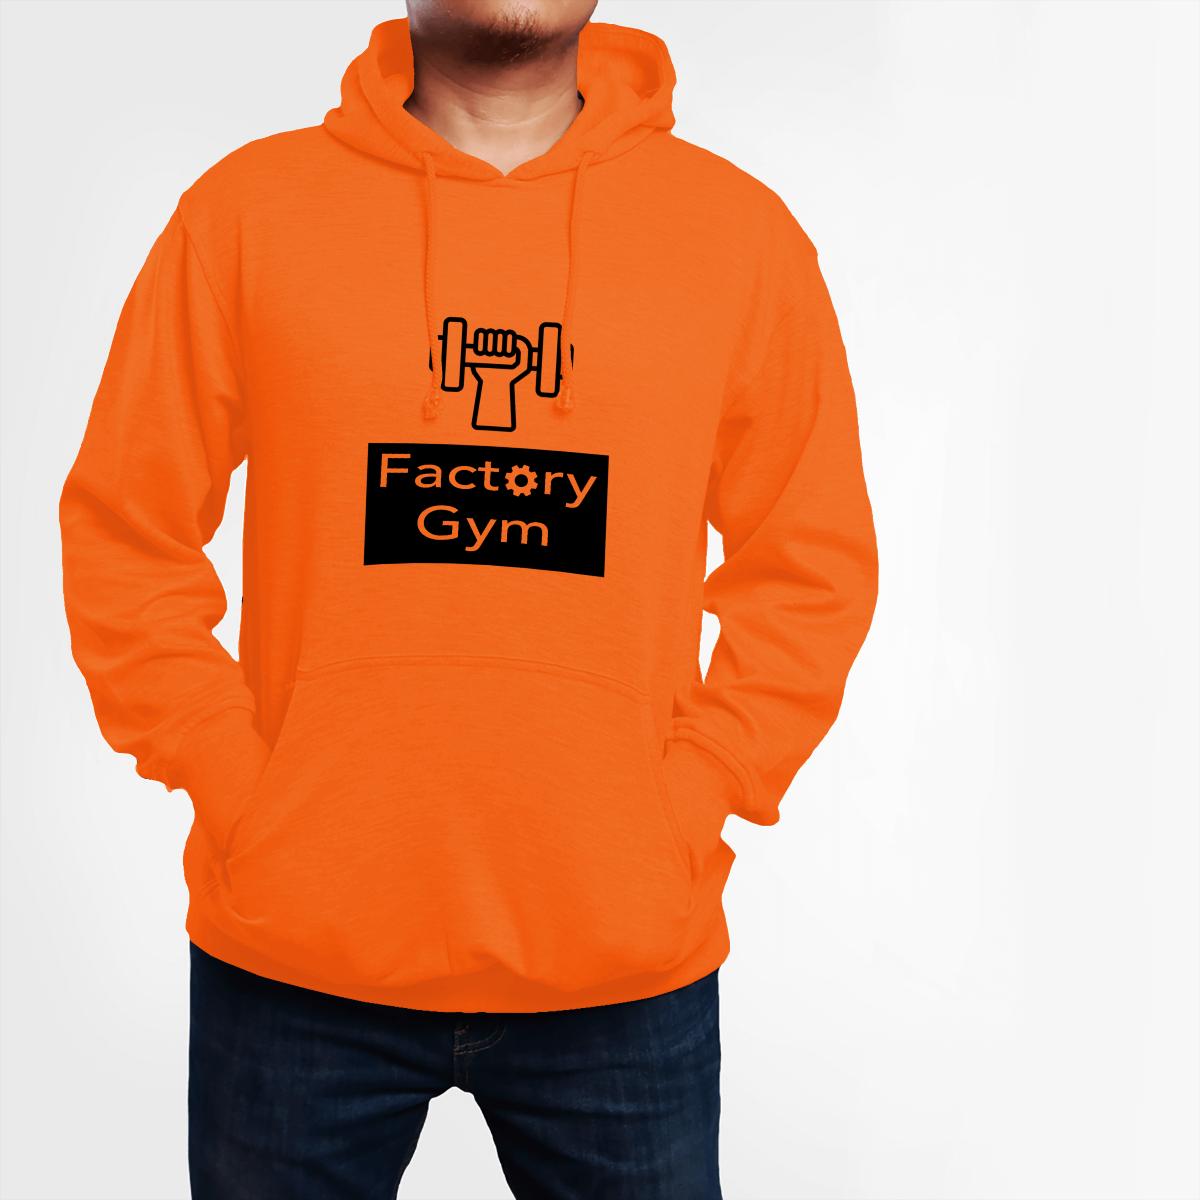 Custom Printed Hoodie - Gym